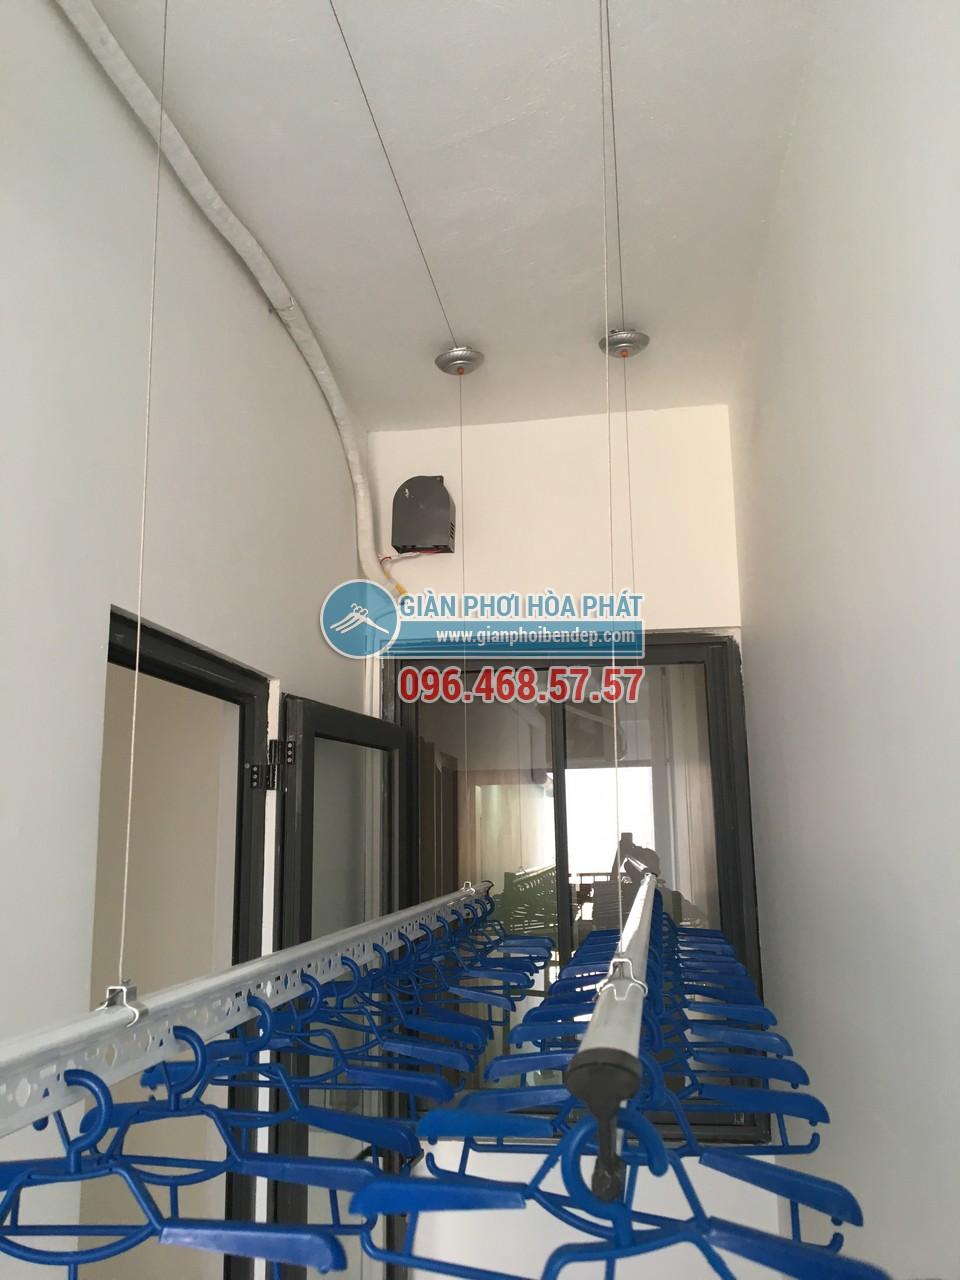 Lô gia dài hẹp thêm tiện ích nhờ lắp đặt giàn phơi thông minh nhà chị Hòa, Golden West - 07